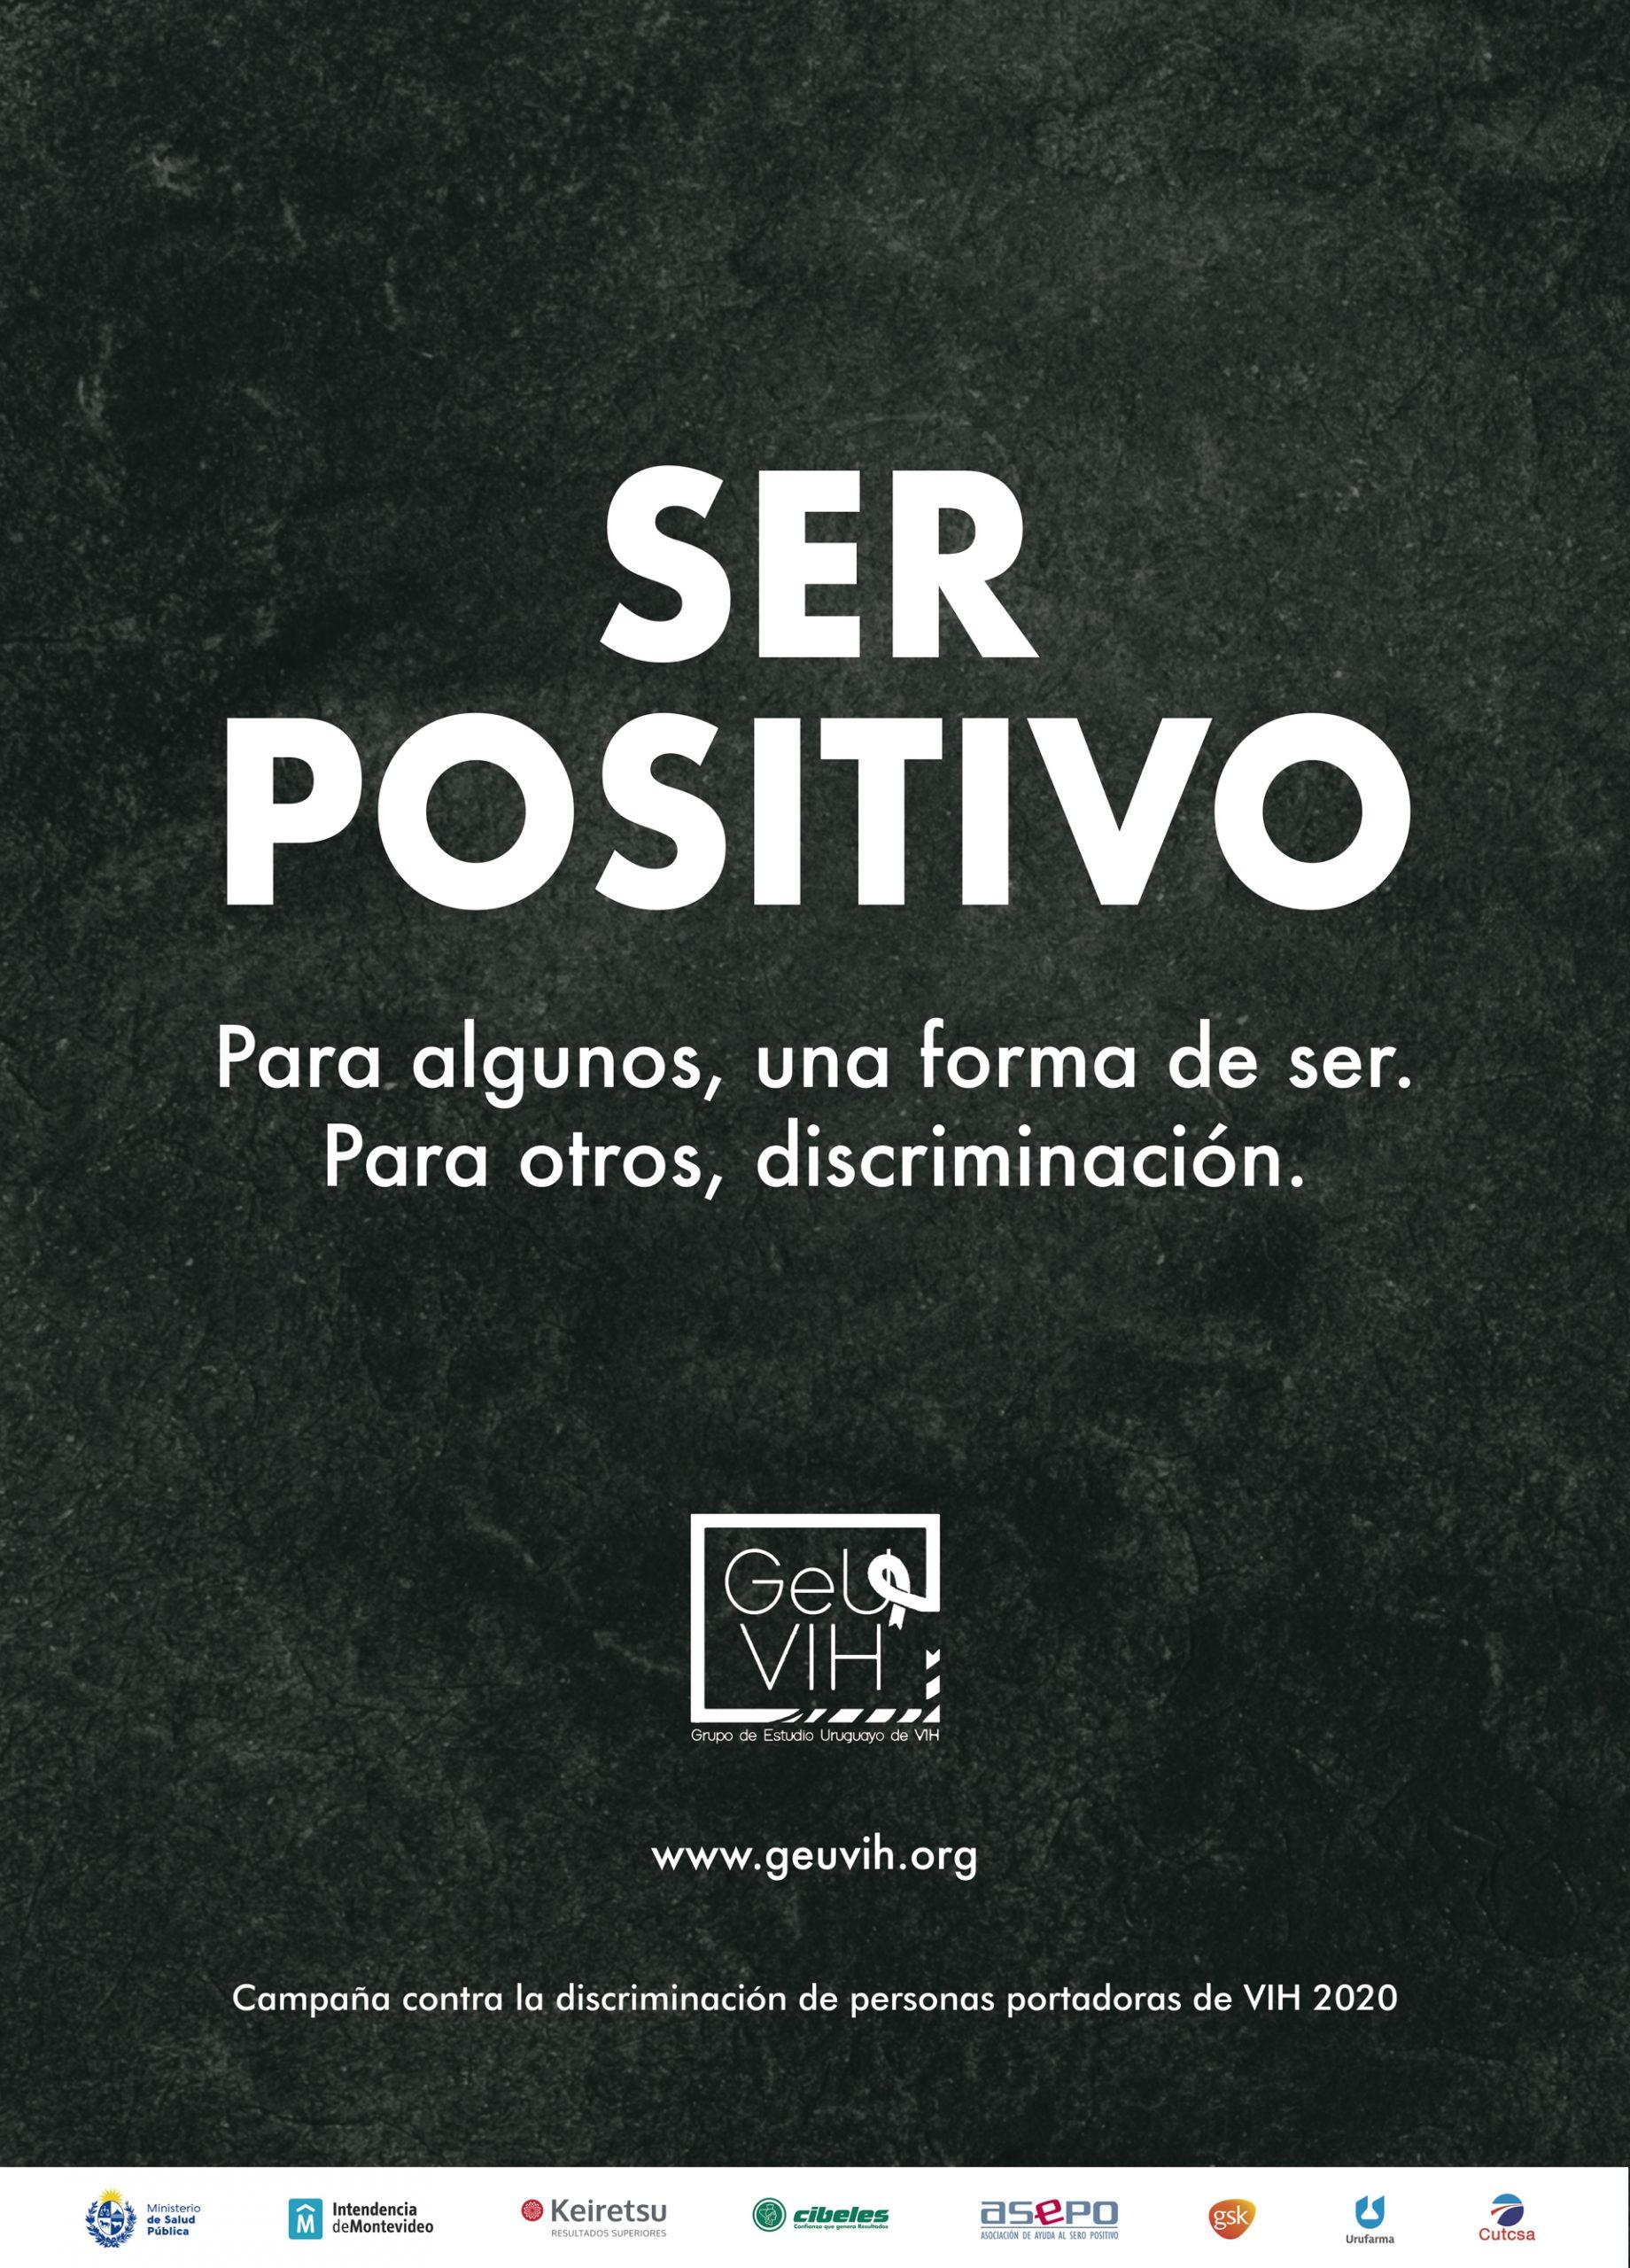 Grupo de Estudio Uruguayo de VIH lanza campaña contra la discriminación